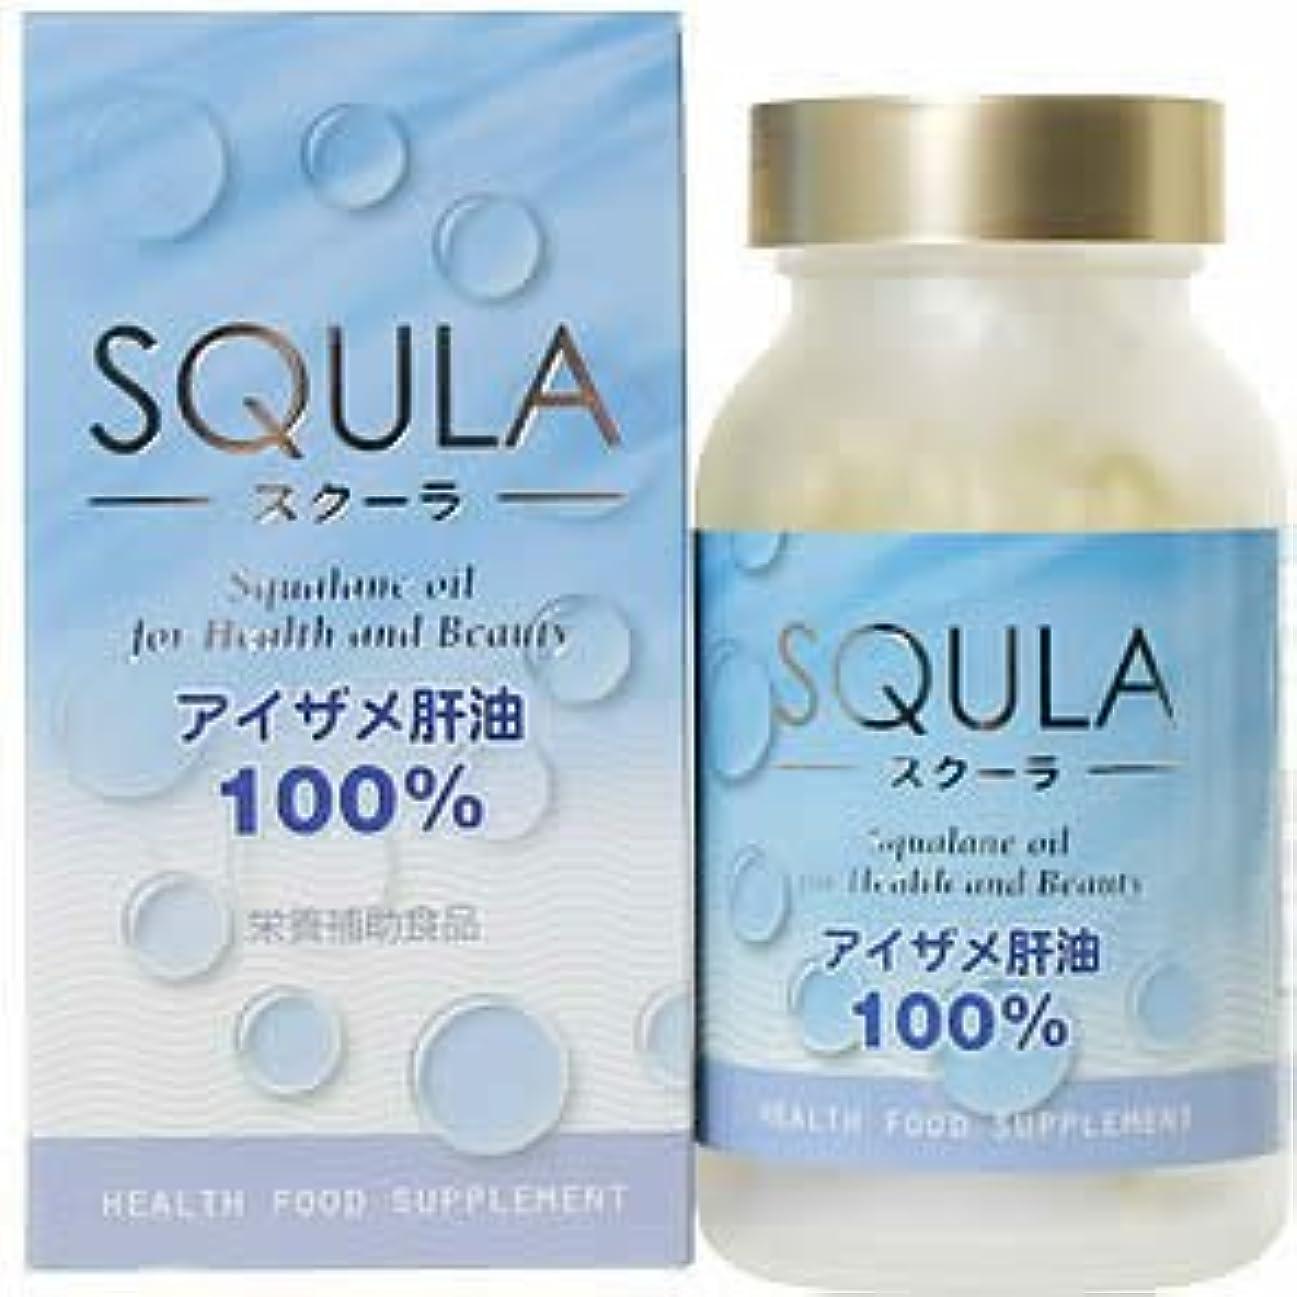 側面杭影響する京都栄養 スクーラ アイザメ肝油 180粒